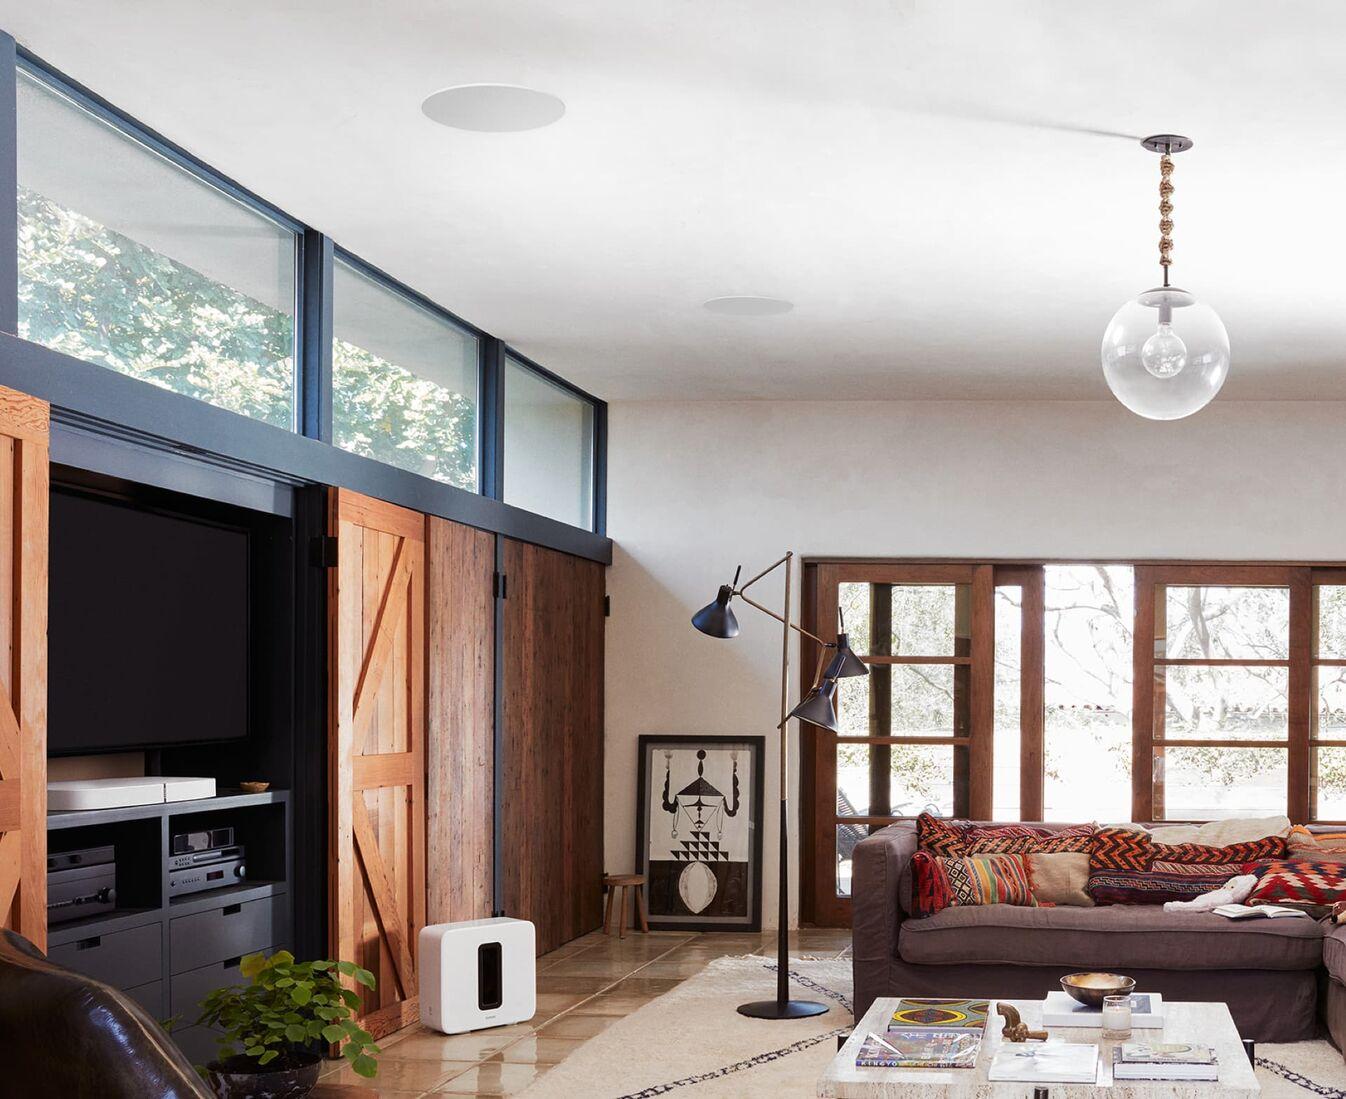 Sonos In-Ceiling Speaker SET inkl. Sonos Amp kaufen bei hifiboehm